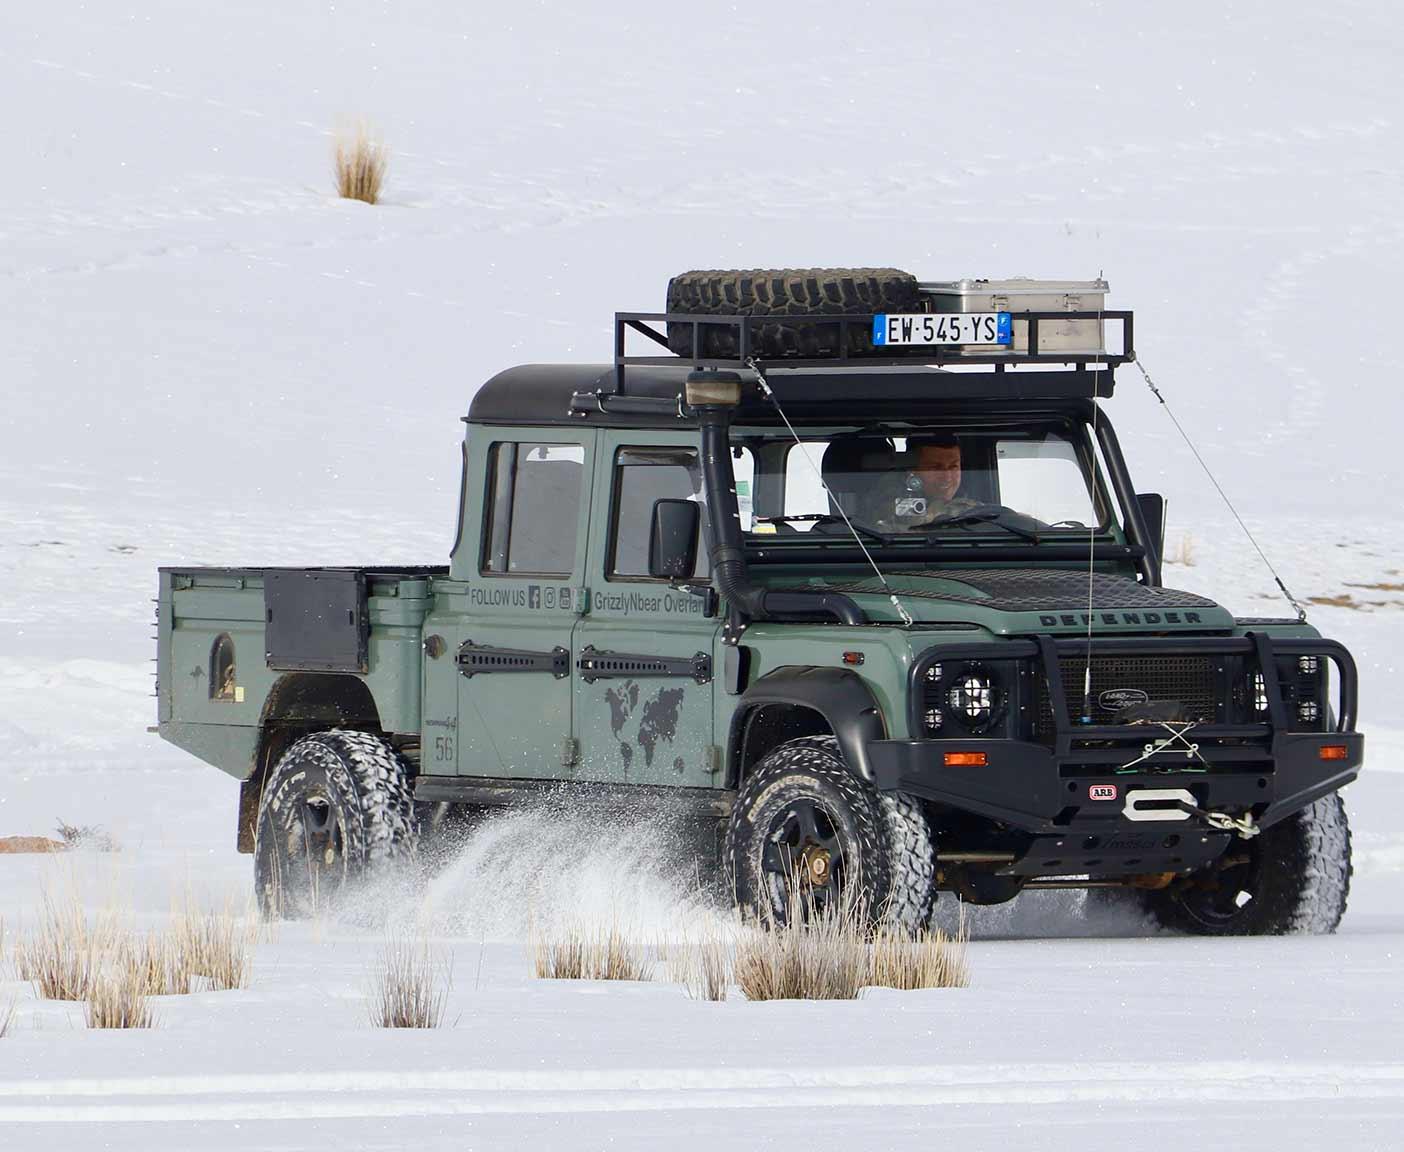 defender-130-staion-wagon-wohnkabine-wohnmobil-fahrwerk